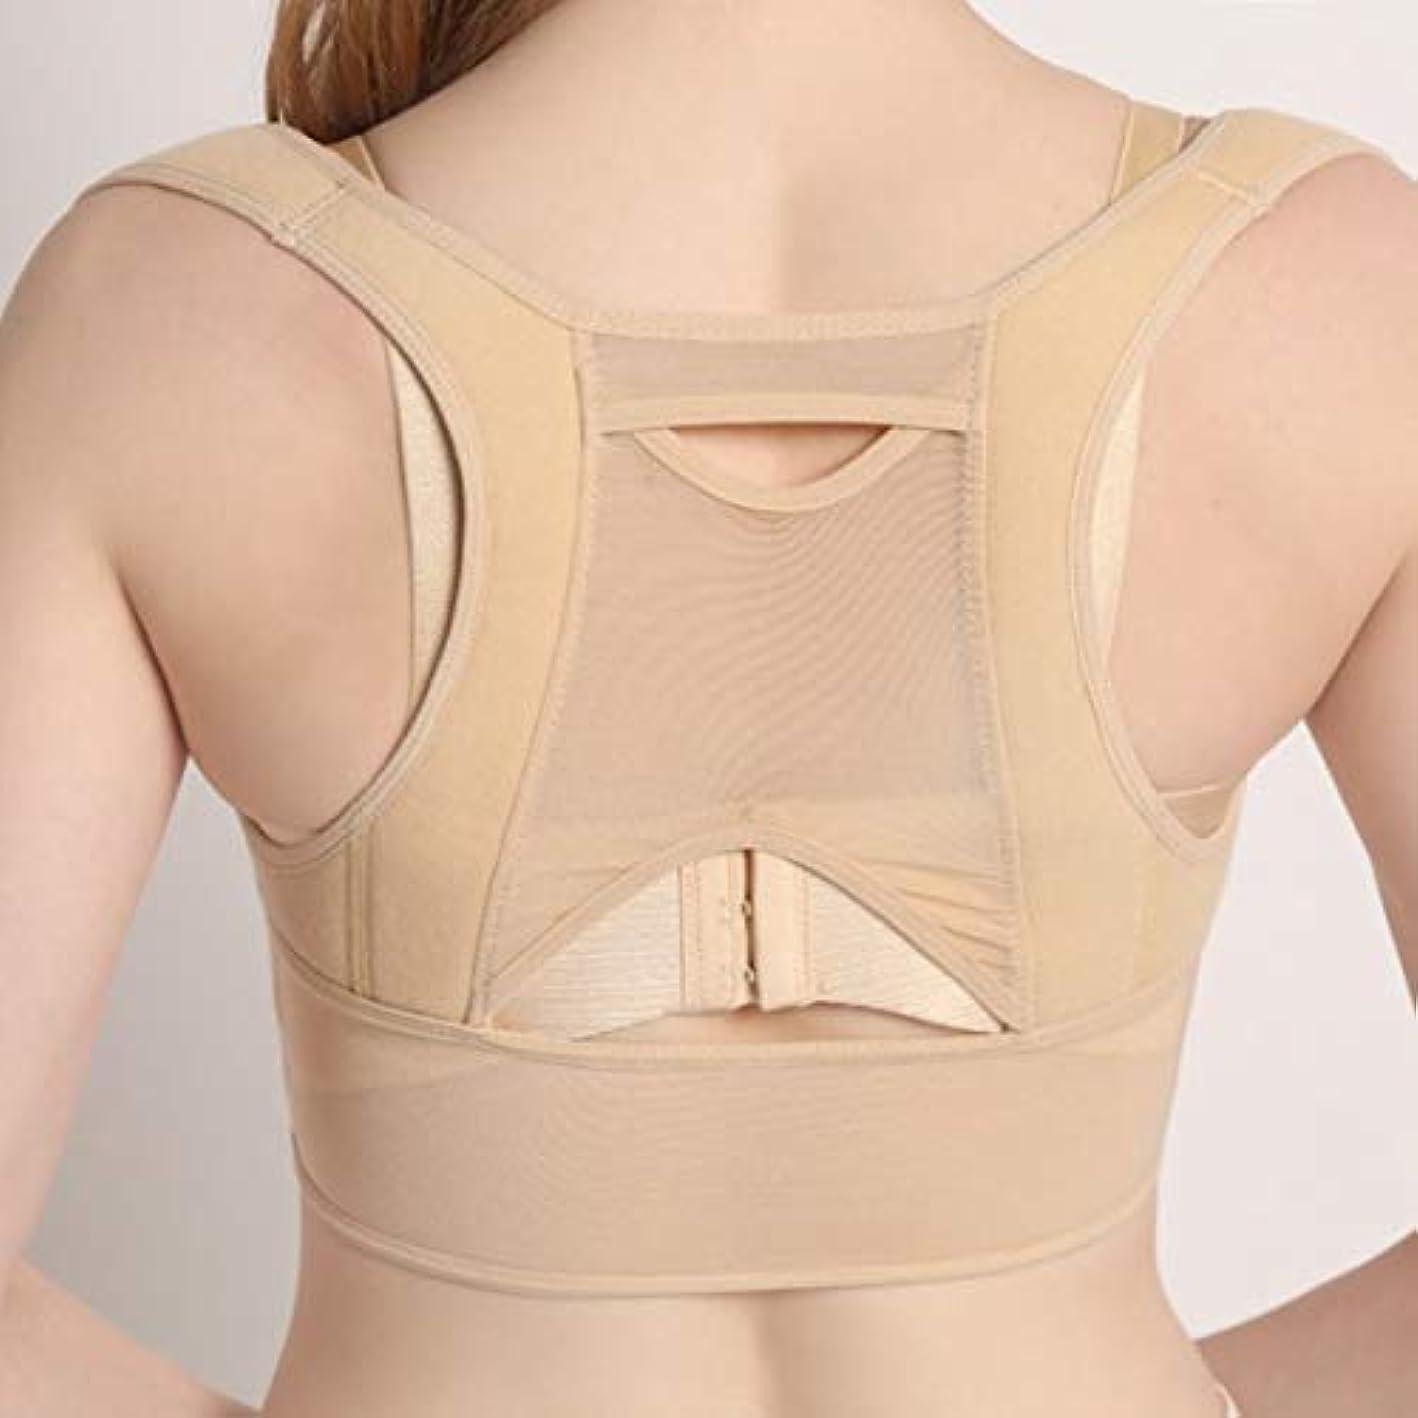 電圧晴れ空通気性のある女性の背中の姿勢矯正コルセット整形外科の背中の肩の背骨の姿勢矯正腰椎サポート - ベージュホワイトL